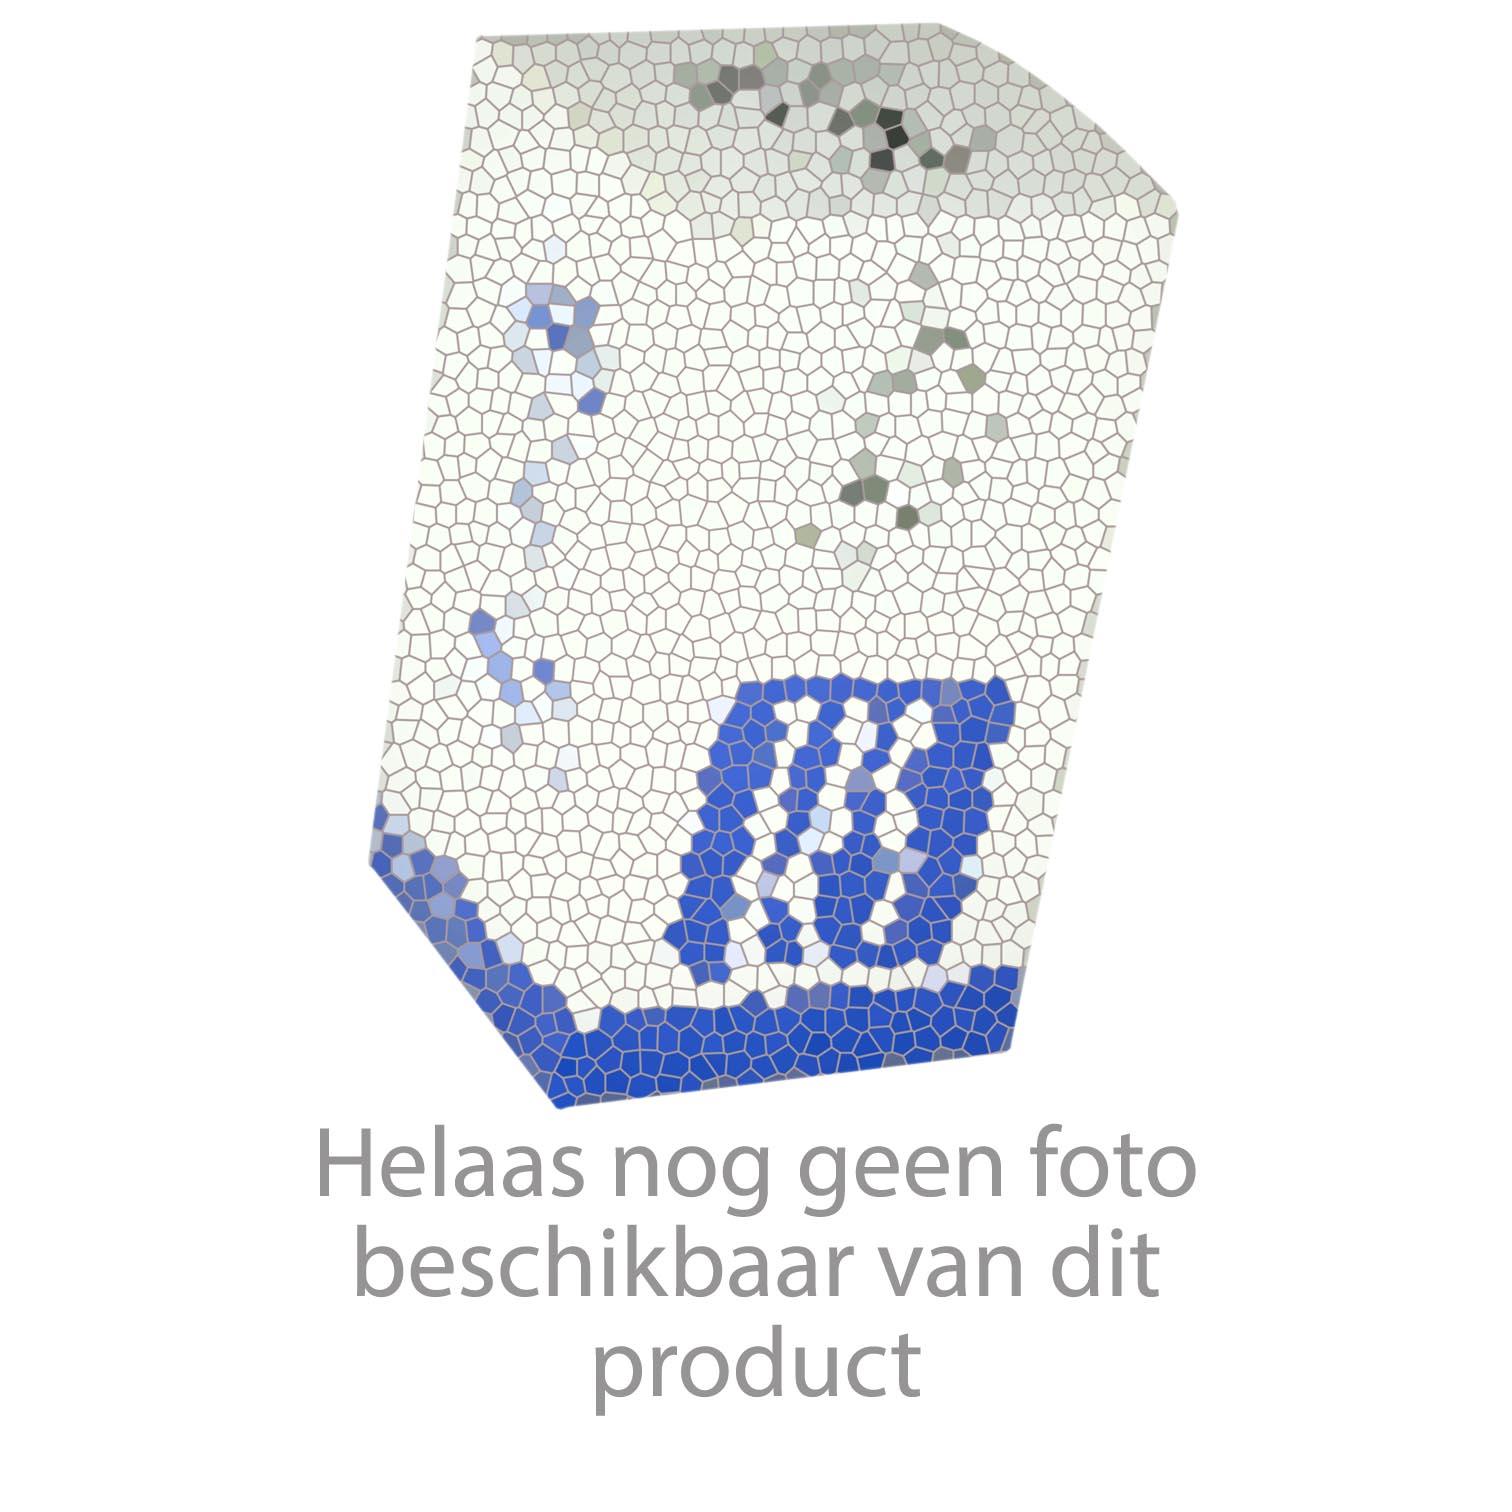 HansGrohe Afvoer- en overloopgarnituren Exafill S productiejaar > 03/05 58117 onderdelen